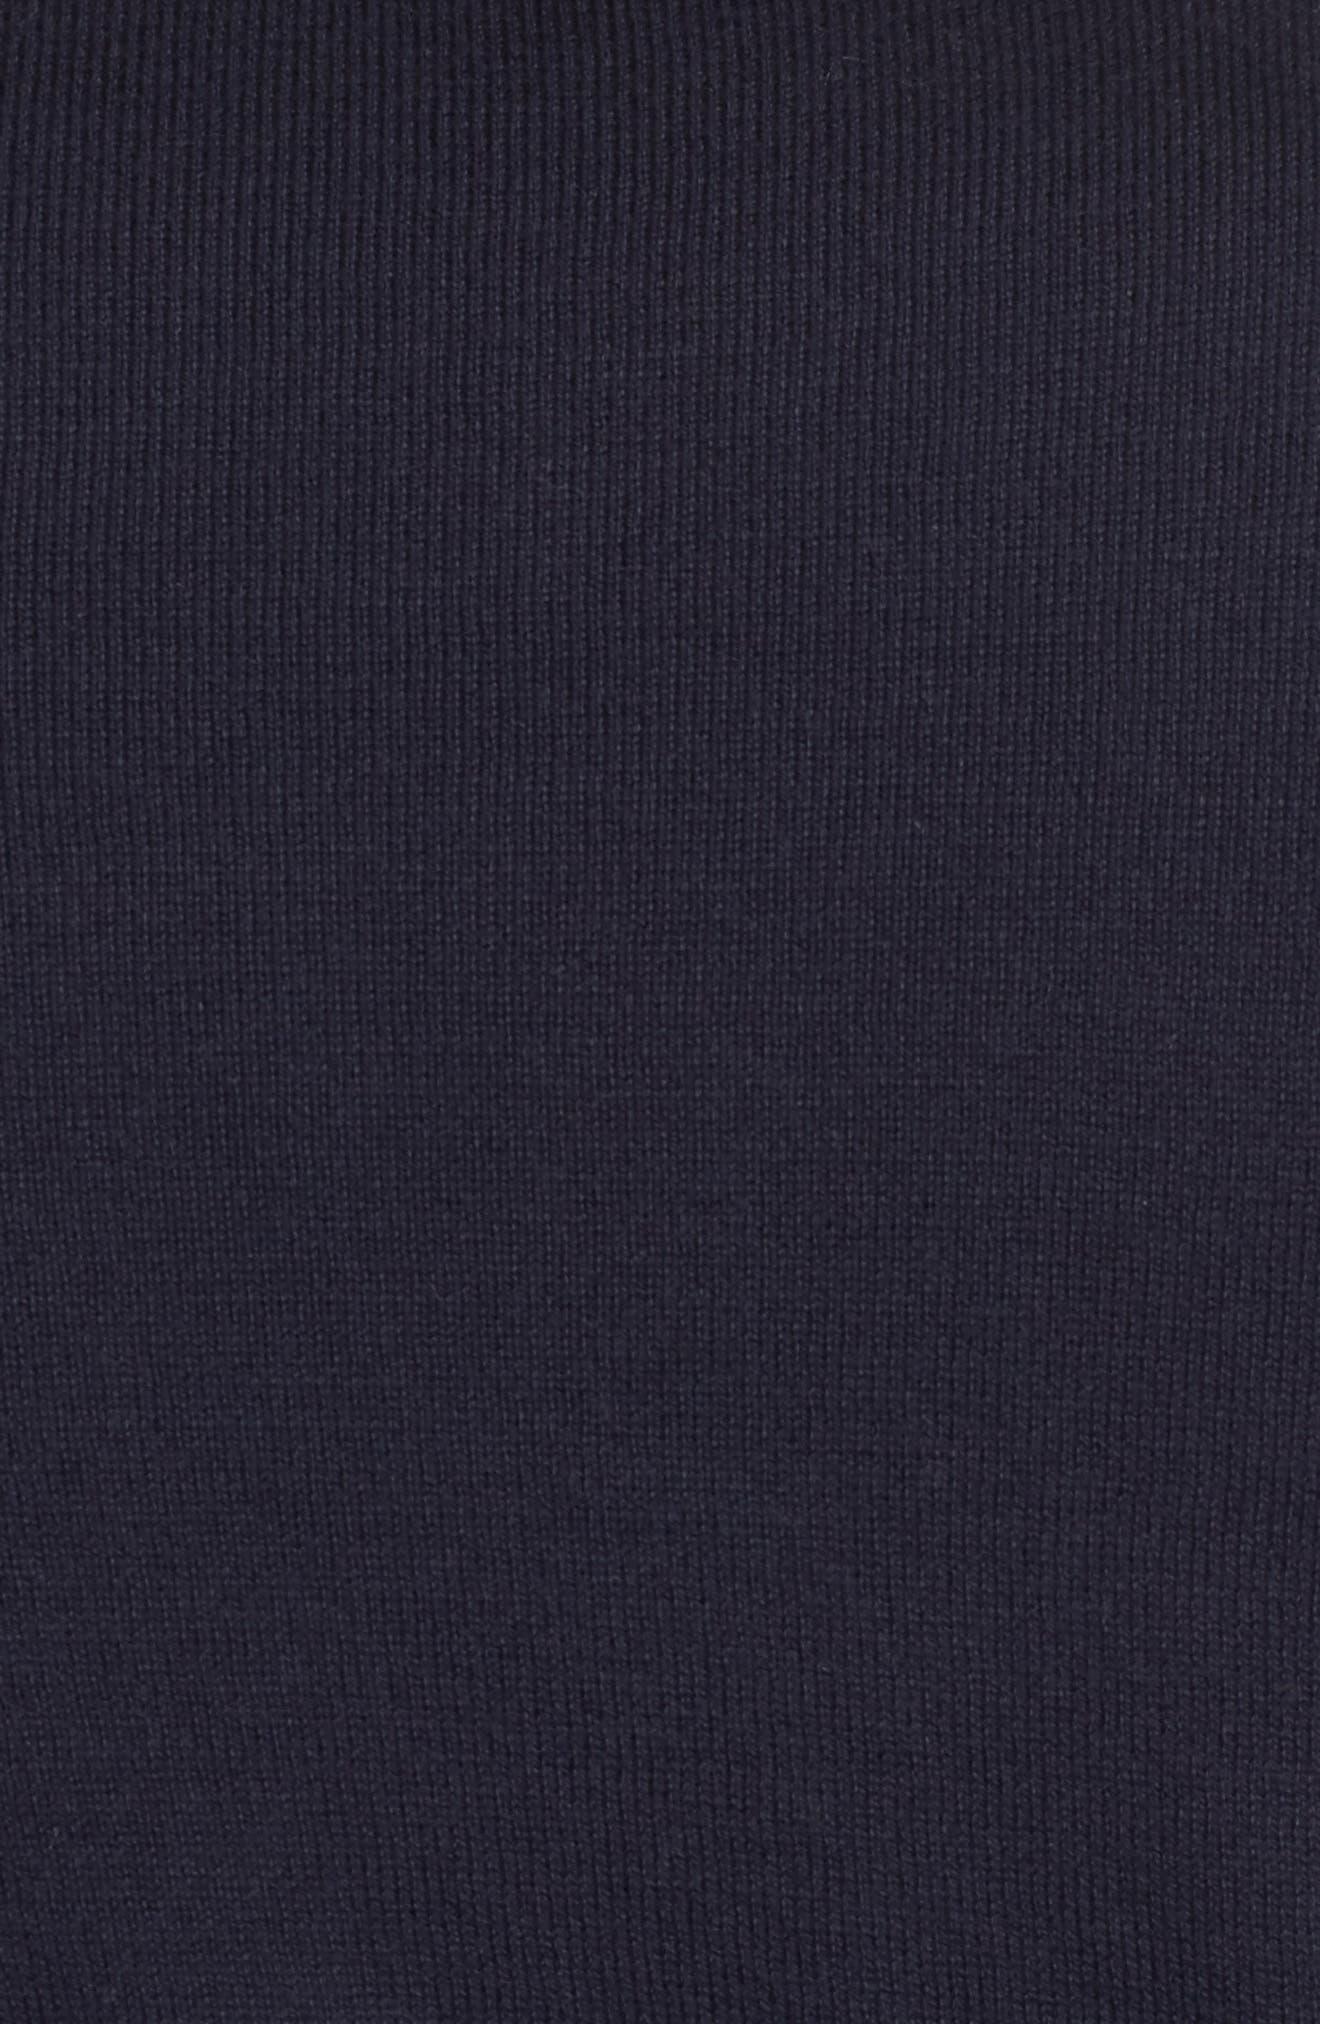 Saddle Shoulder Cotton & Cashmere V-Neck Sweater,                             Alternate thumbnail 39, color,